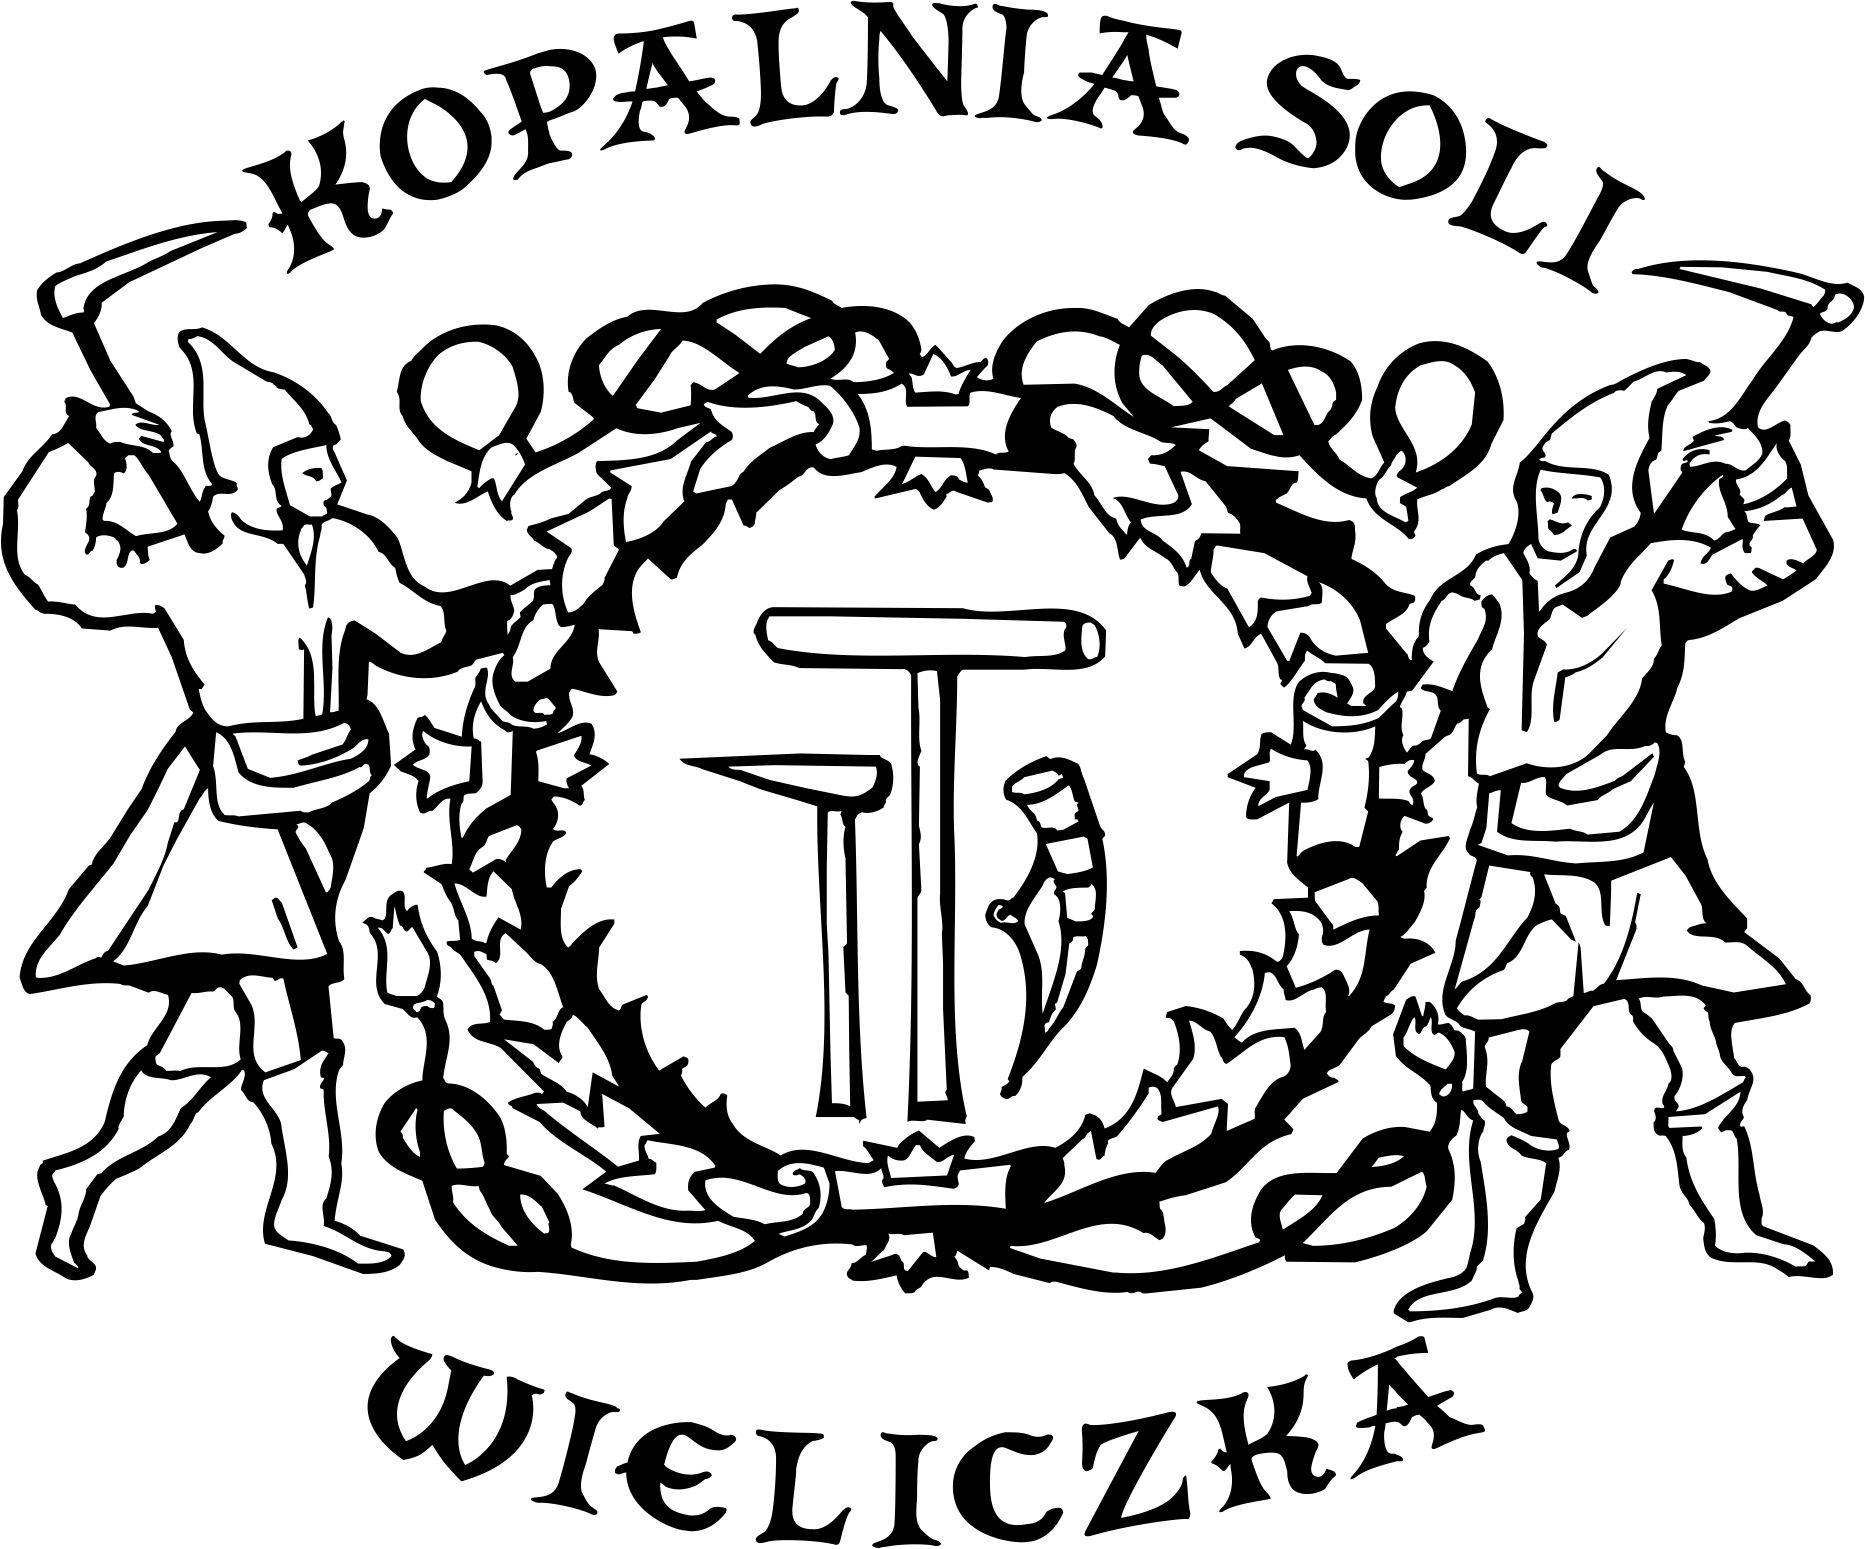 Infolinia Kopalnia Soli w Wieliczce   telefon, e-mail, numer, informacje dodatkowe, bilety